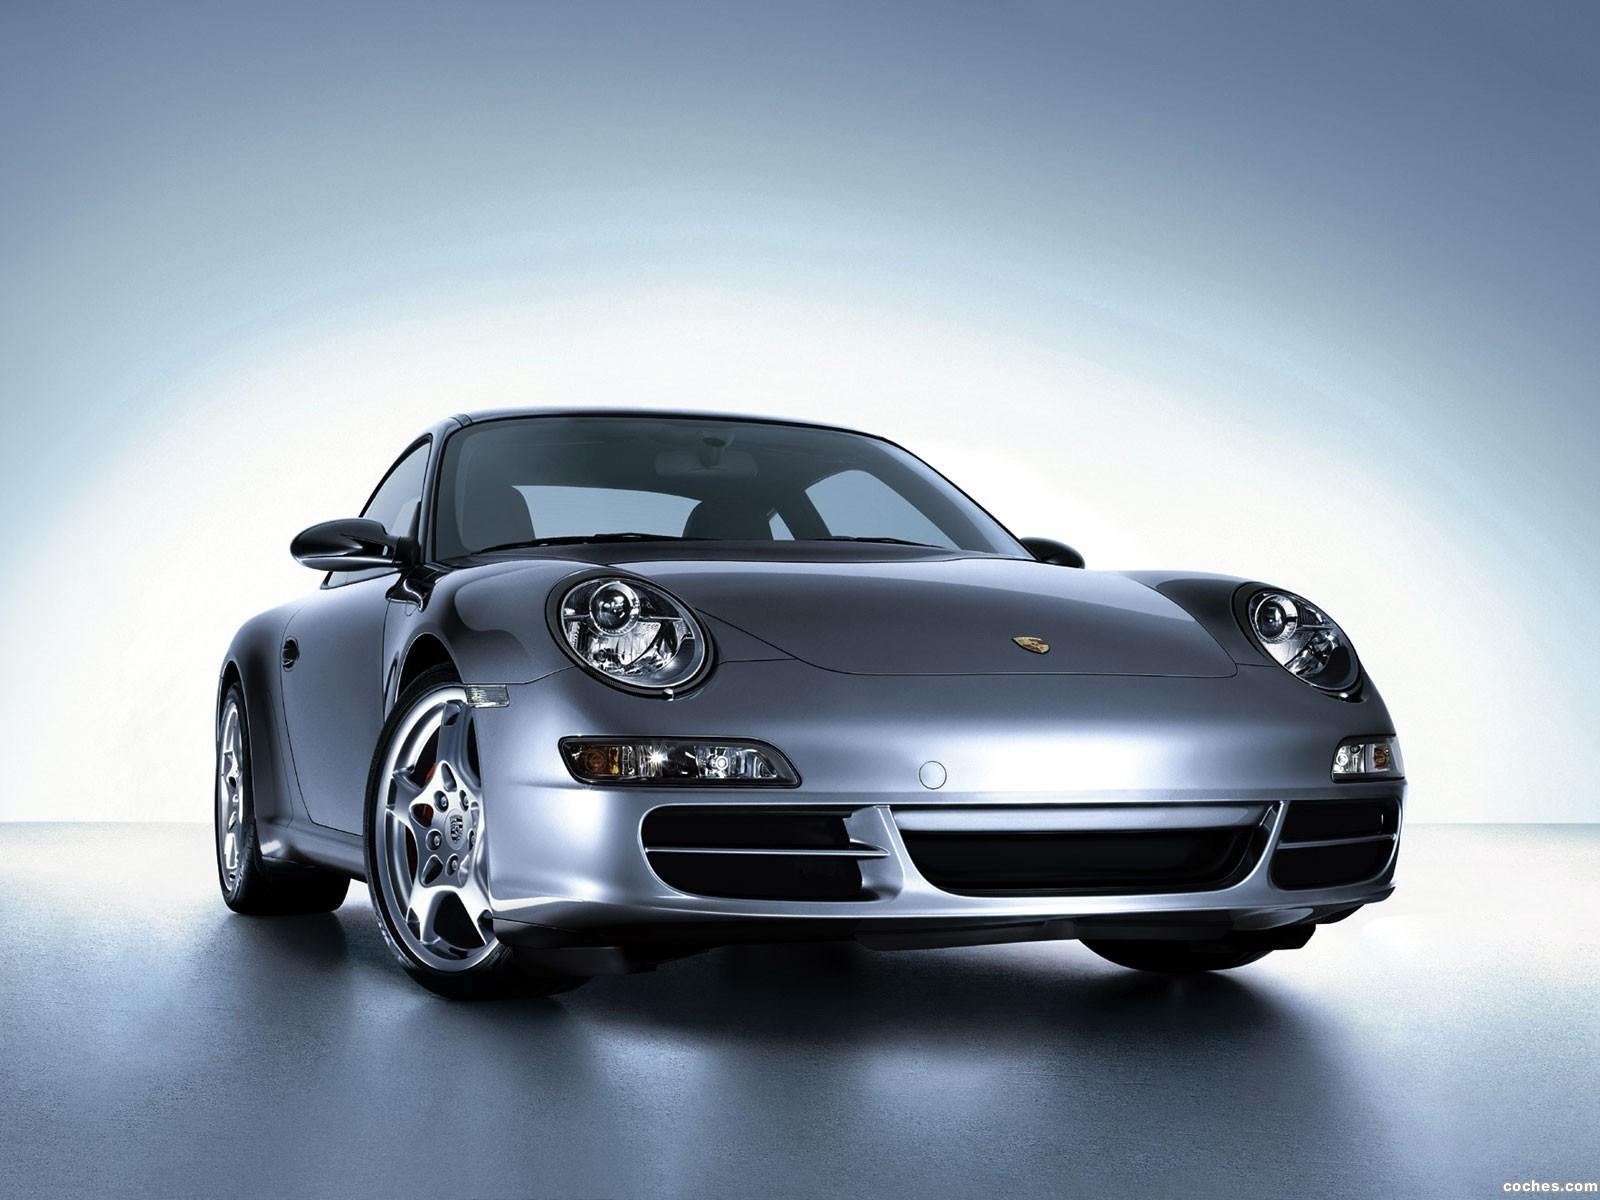 Foto 0 de Porsche 911 Carrera 997 2005